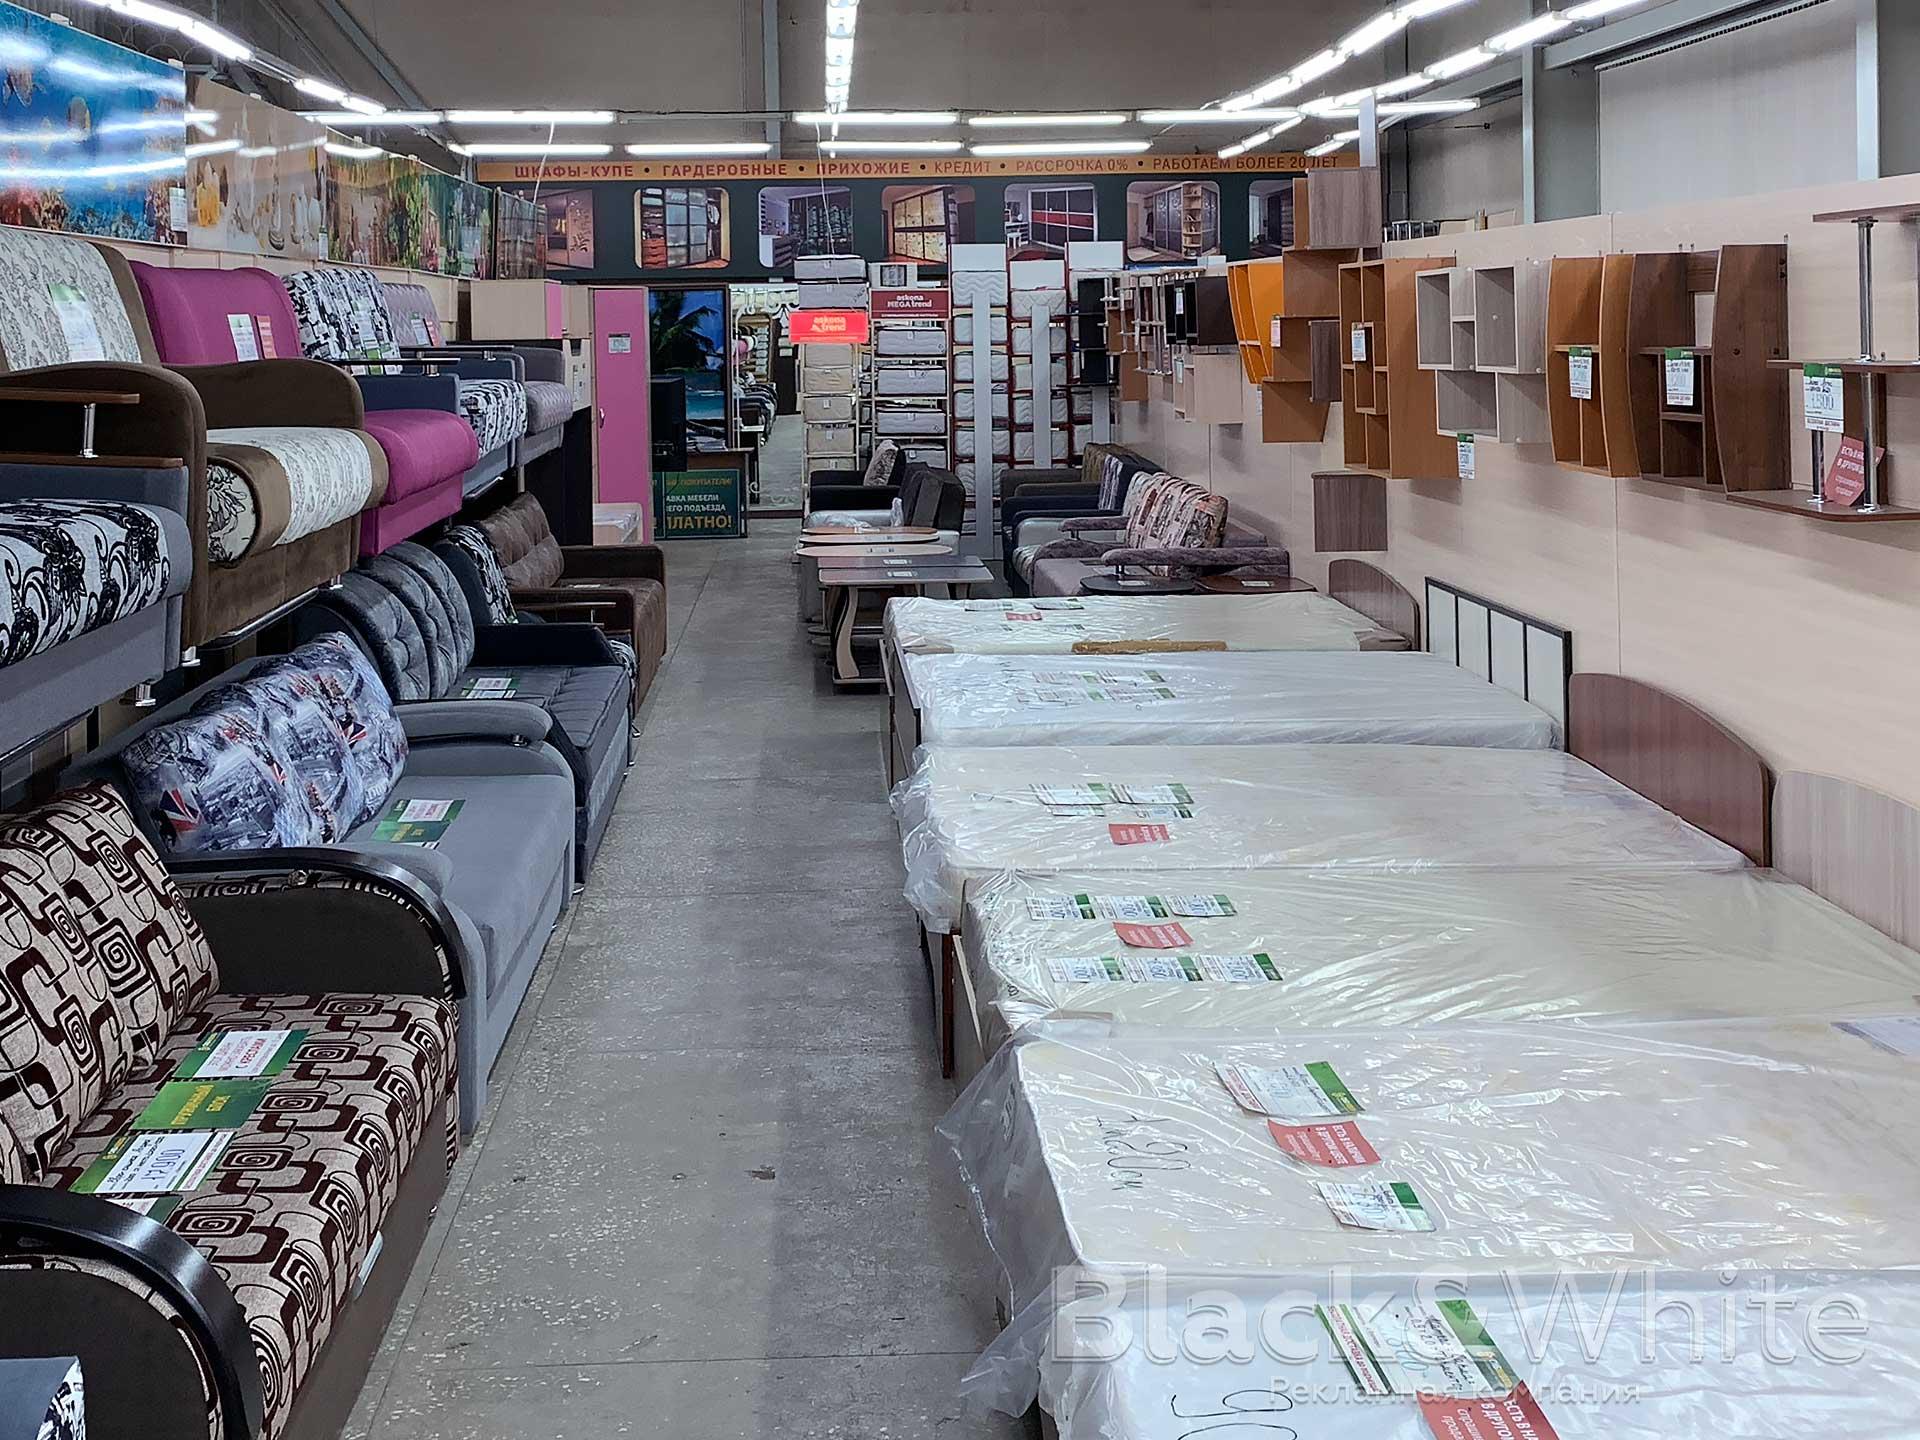 Баннерные-растяжки-в-помещении-баннер-на-стене-изготовление-в-Красноярске.jpg